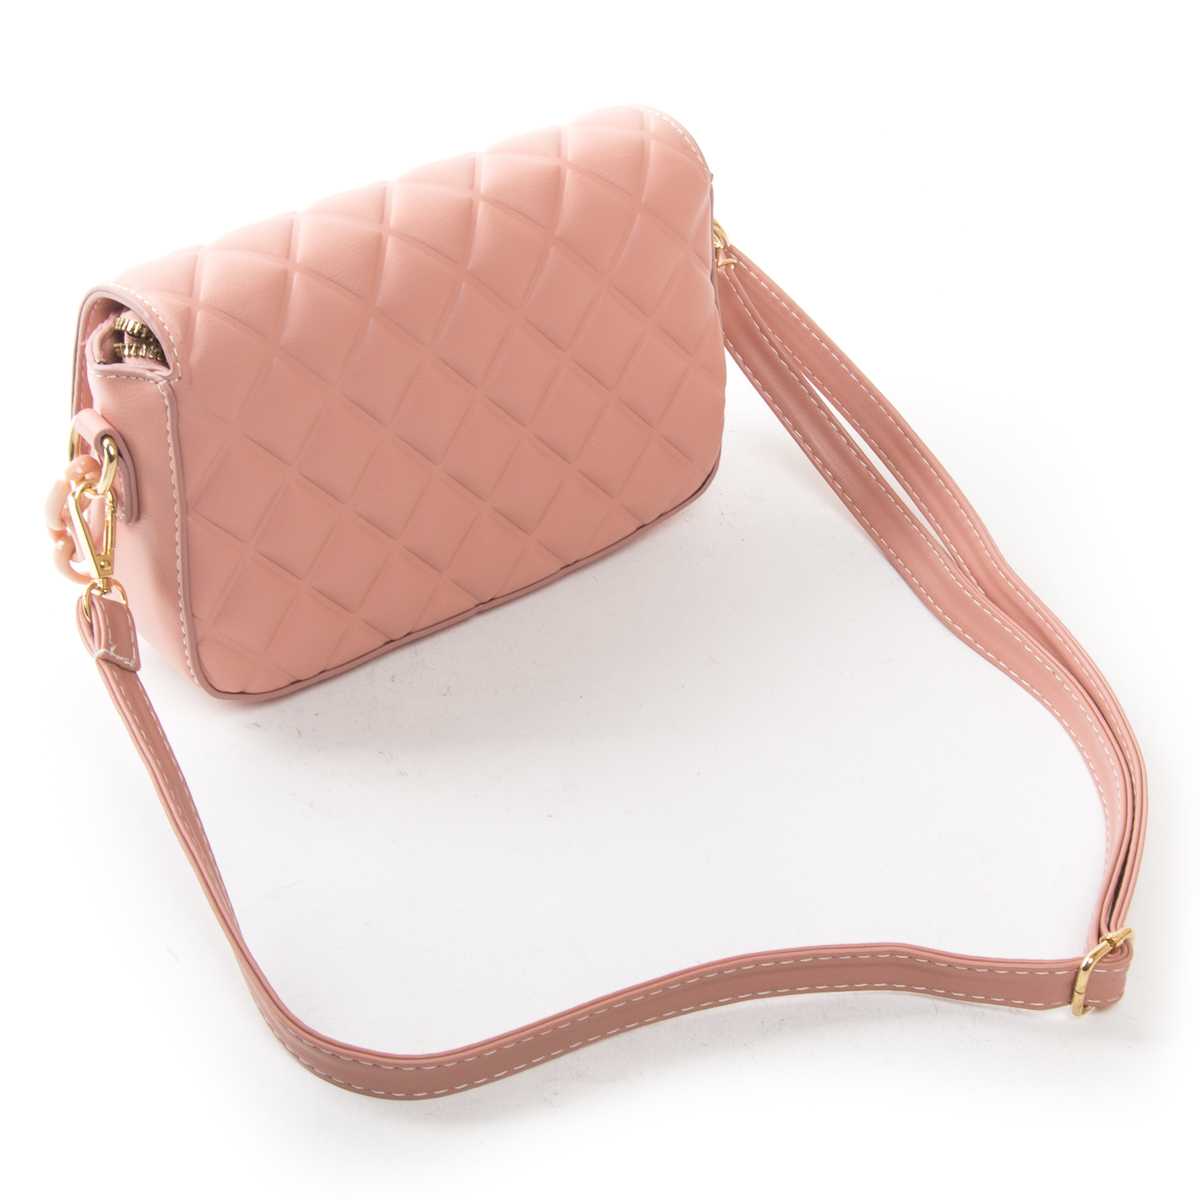 Сумка Женская Классическая иск-кожа FASHION 01-00 8697 pink - фото 4